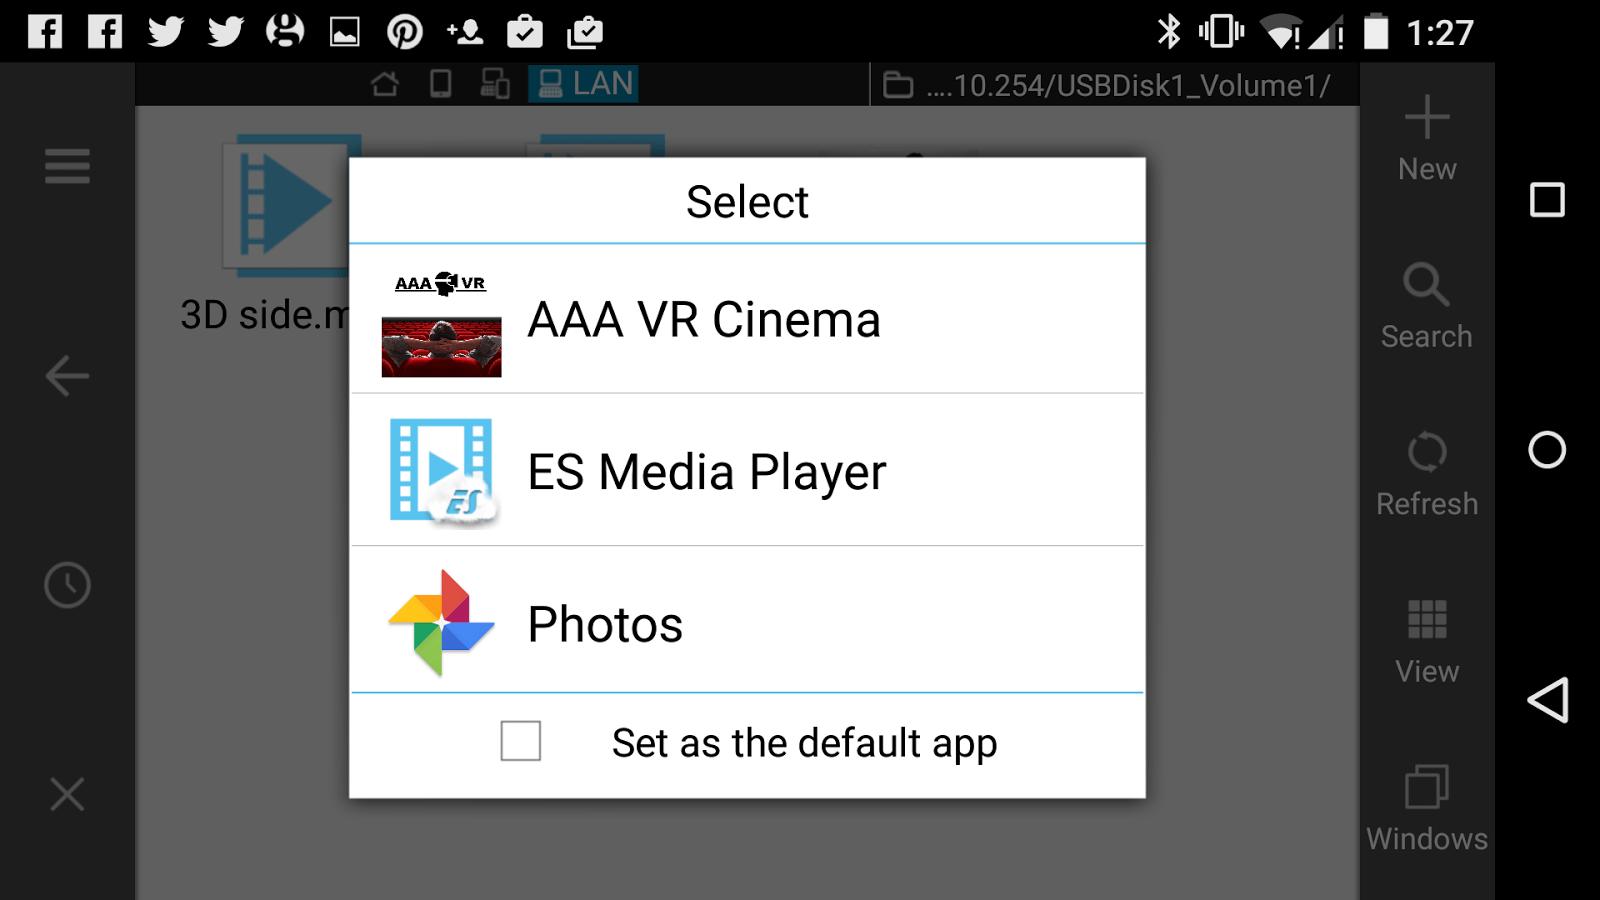 Andriod. AAA VR Cinema Cardboard 3D SBS